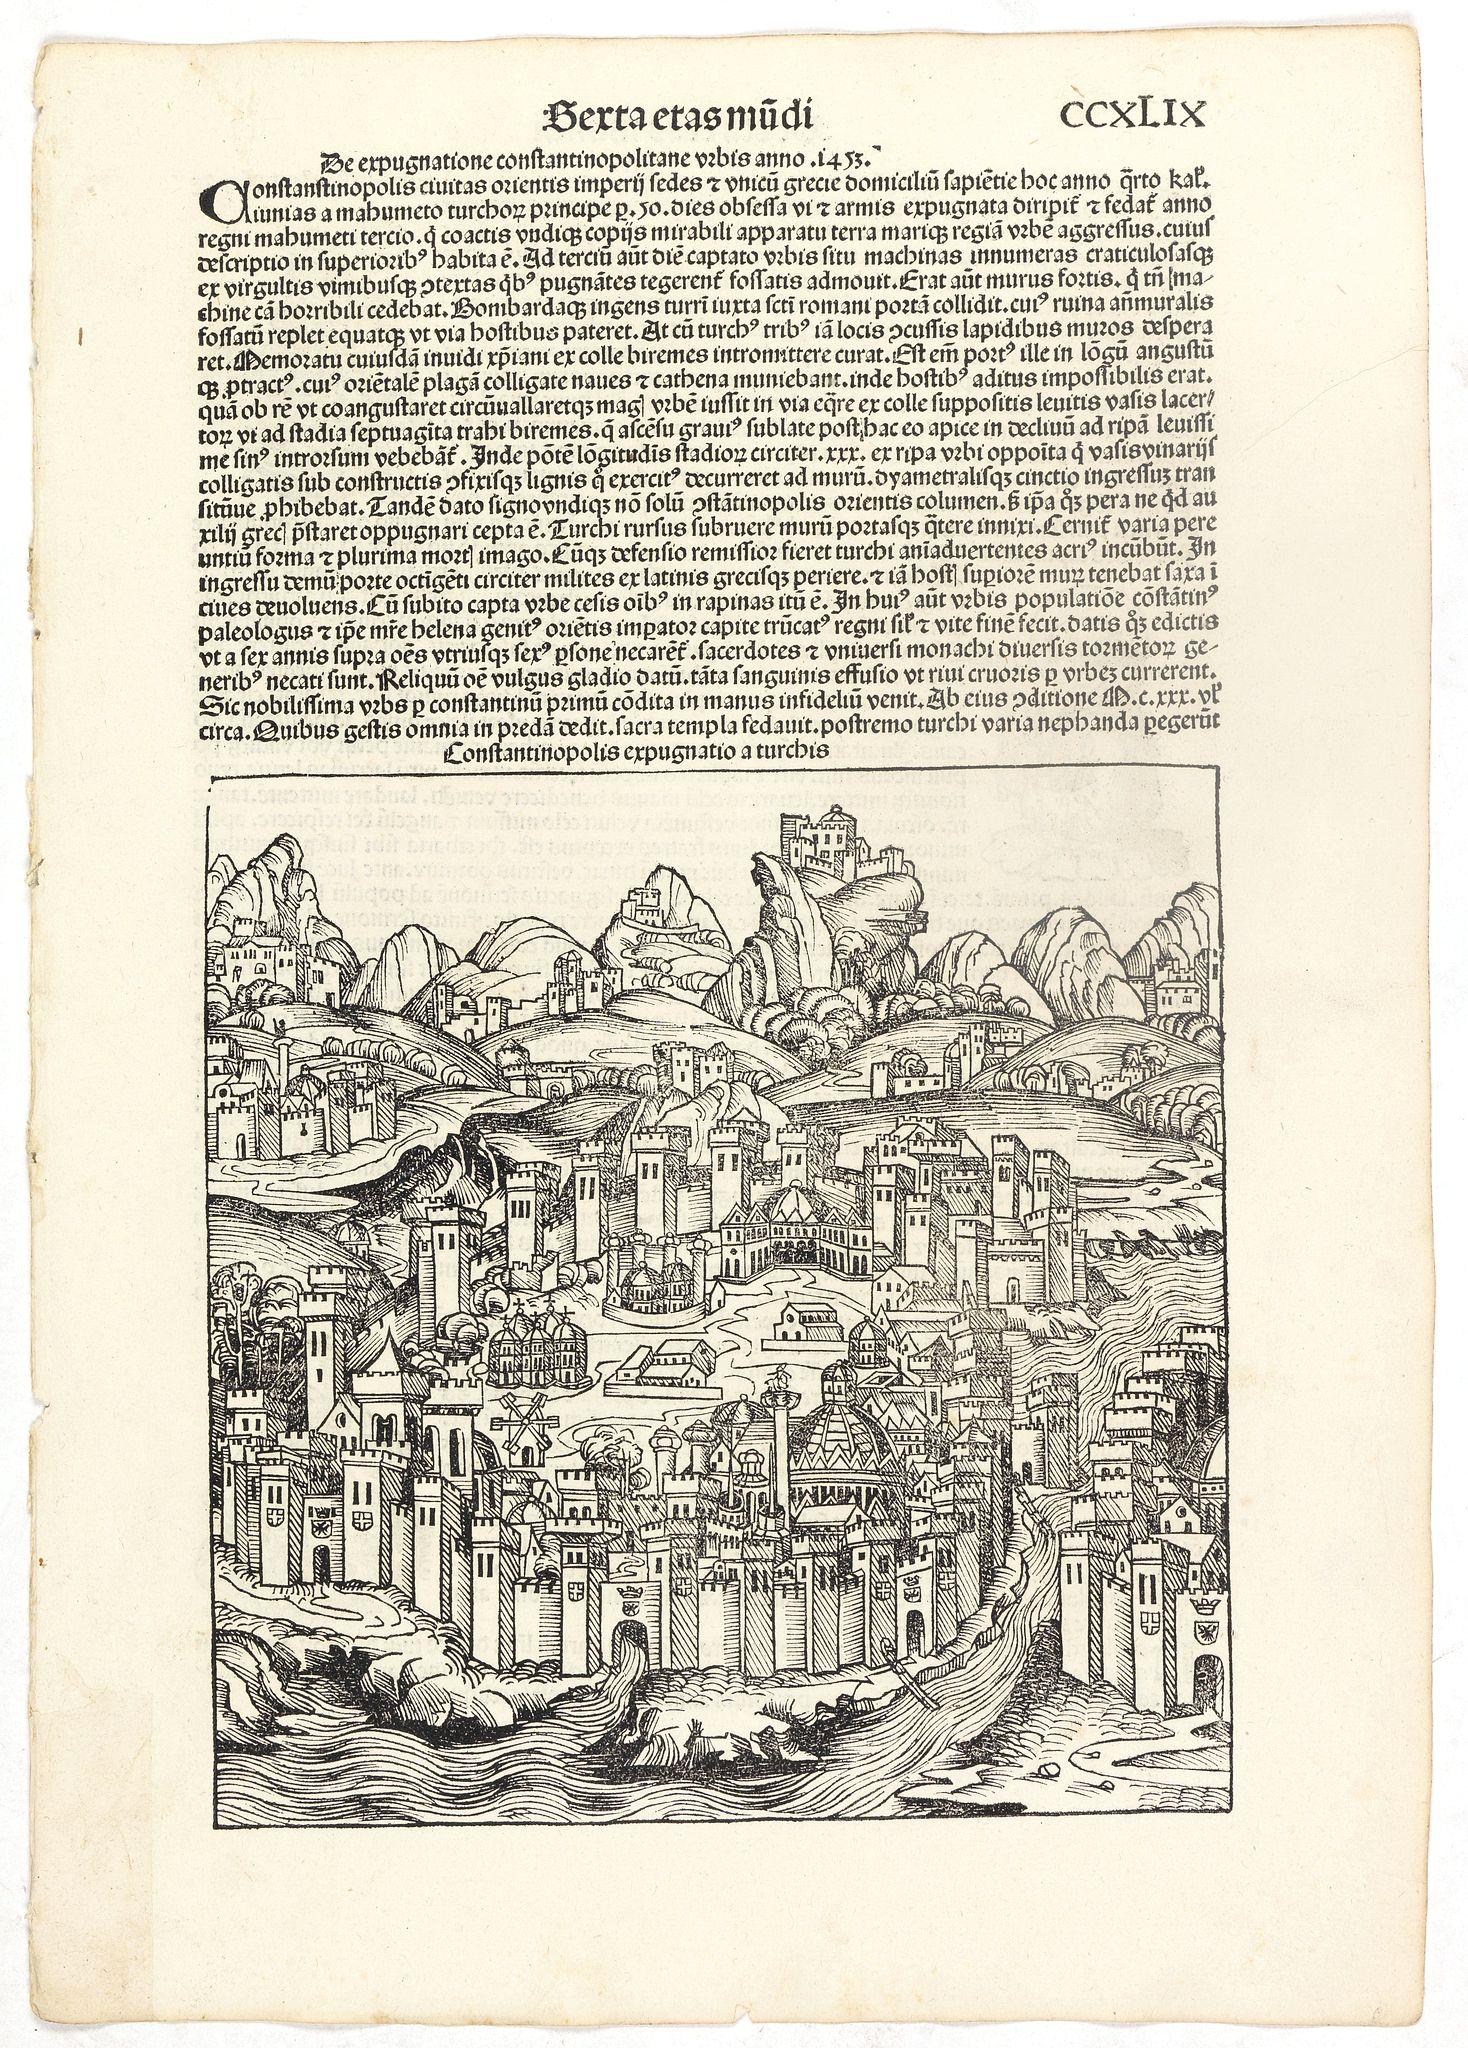 SCHEDEL, H. -  [Constantinopolis. . . Sexta etas mudi CCXLIX ].